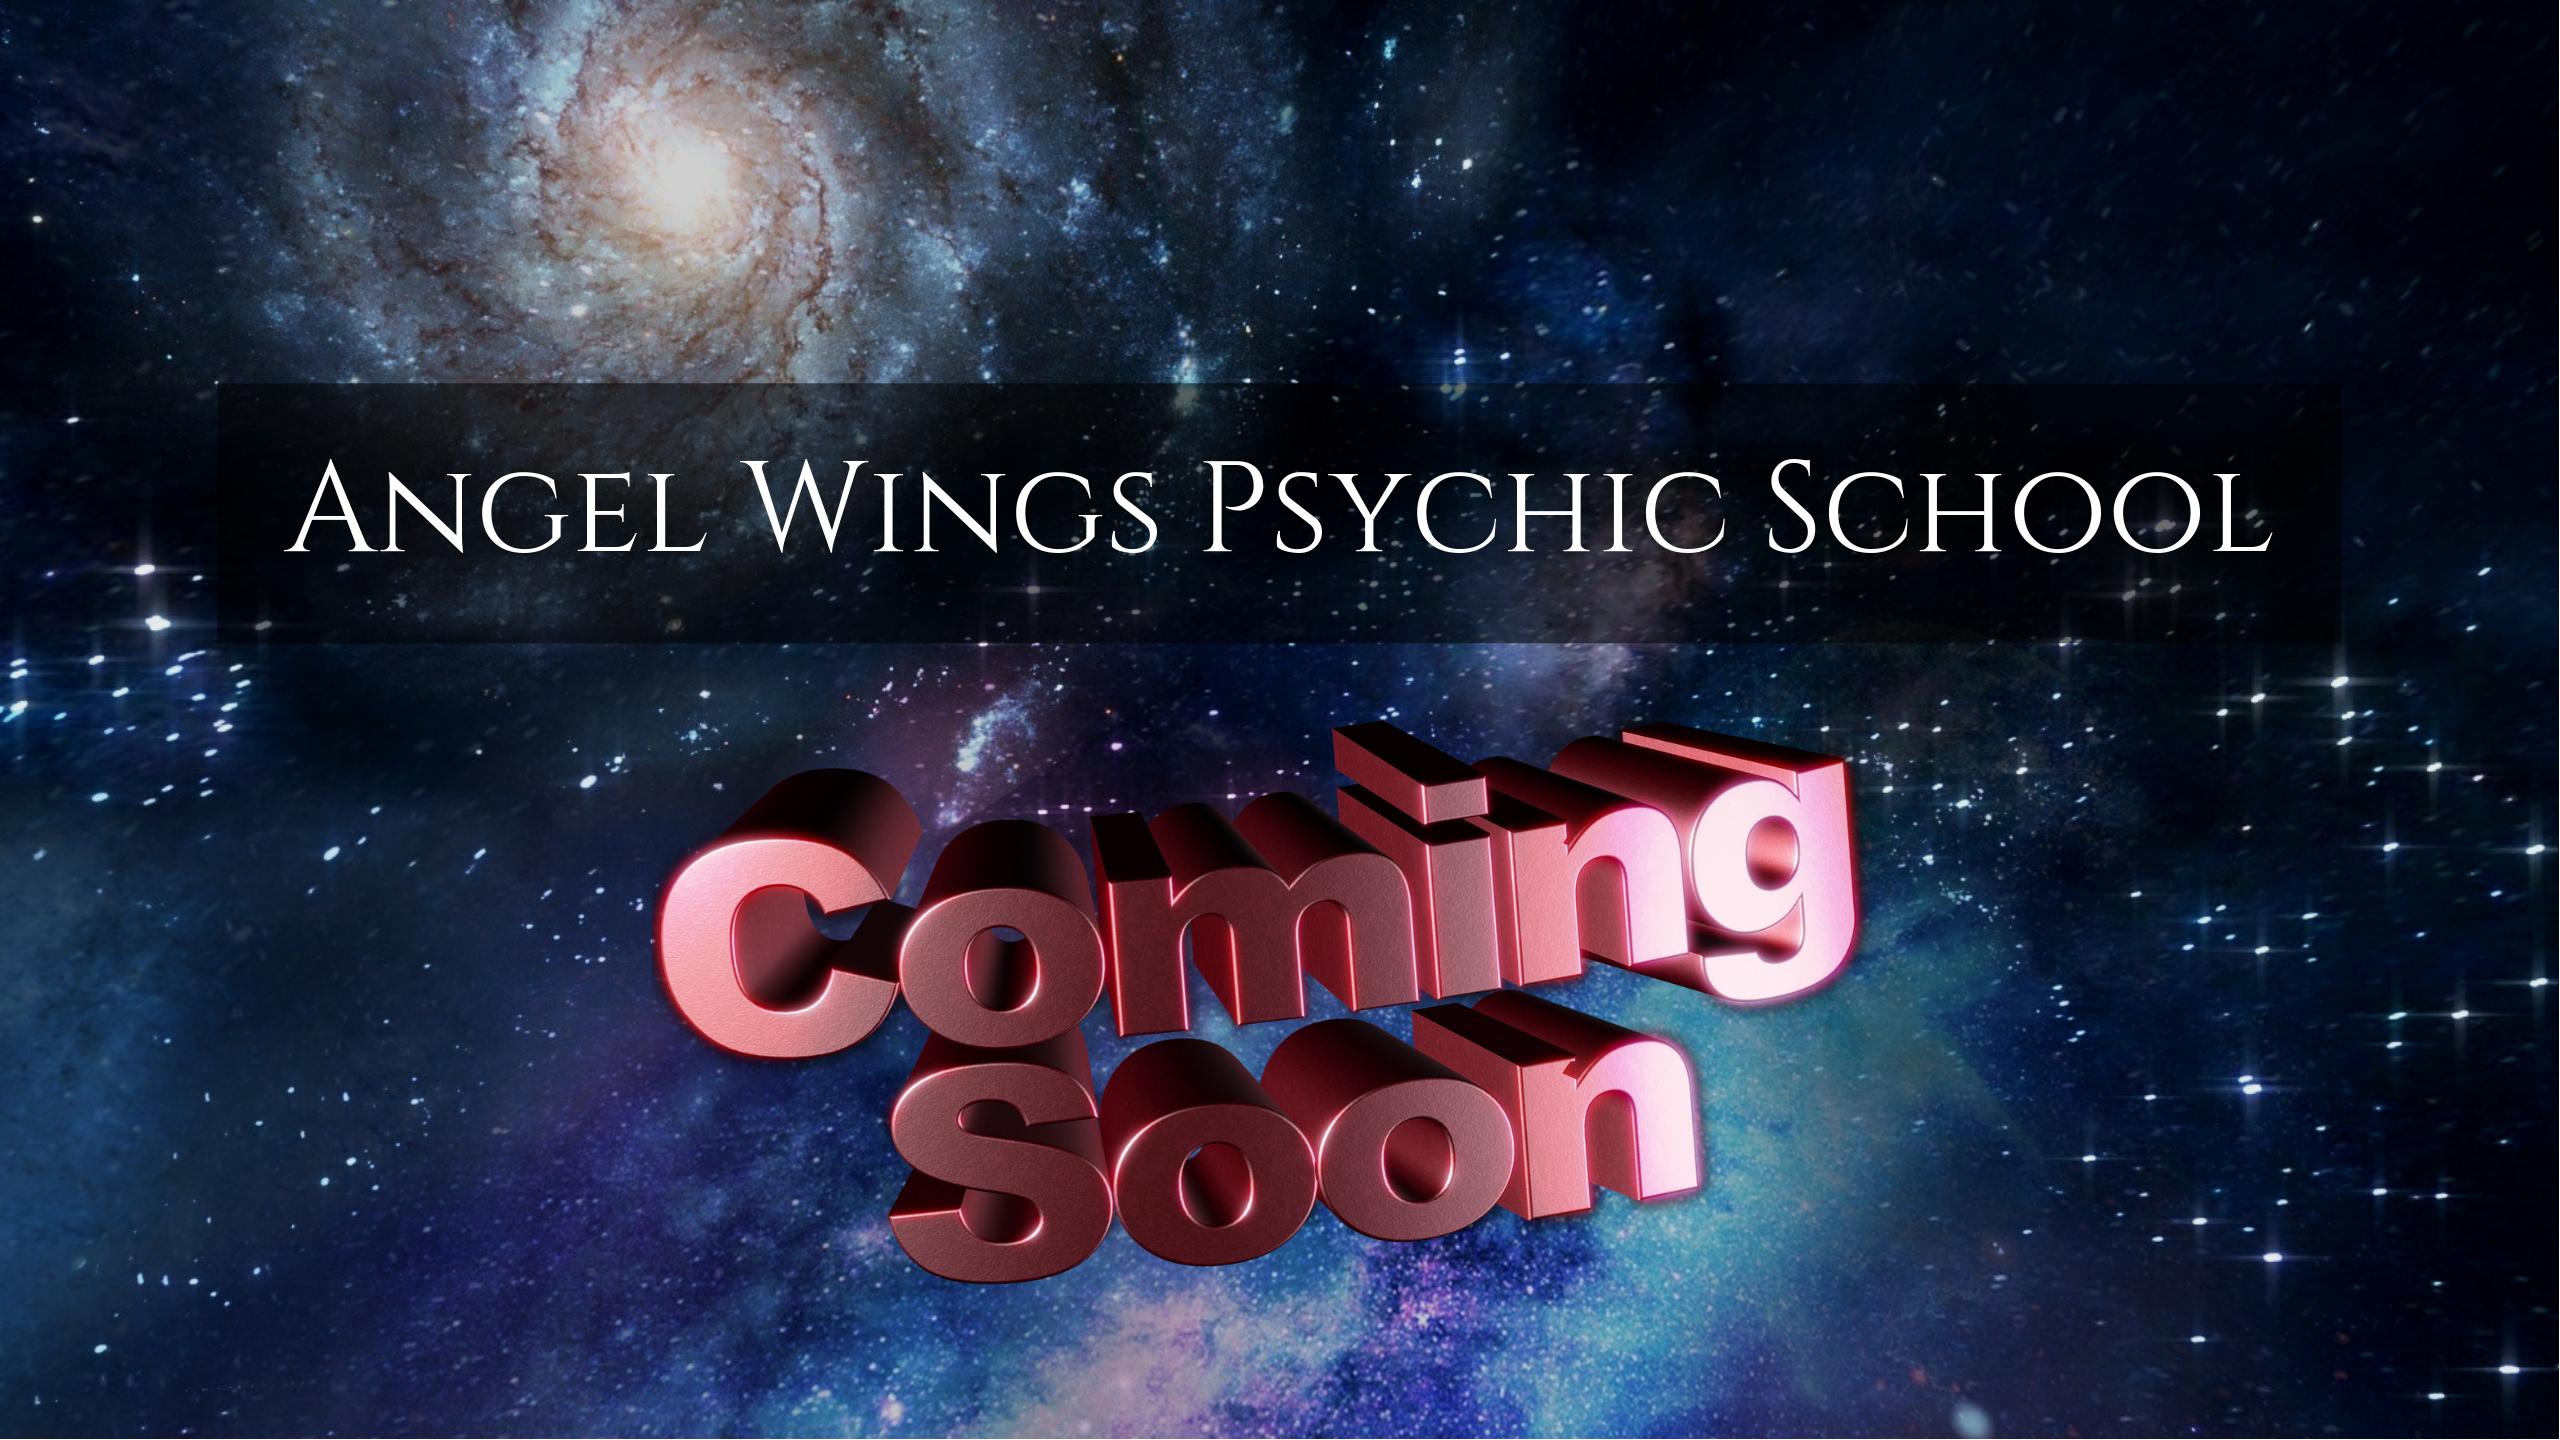 Angel Wings Psychic School coming soon